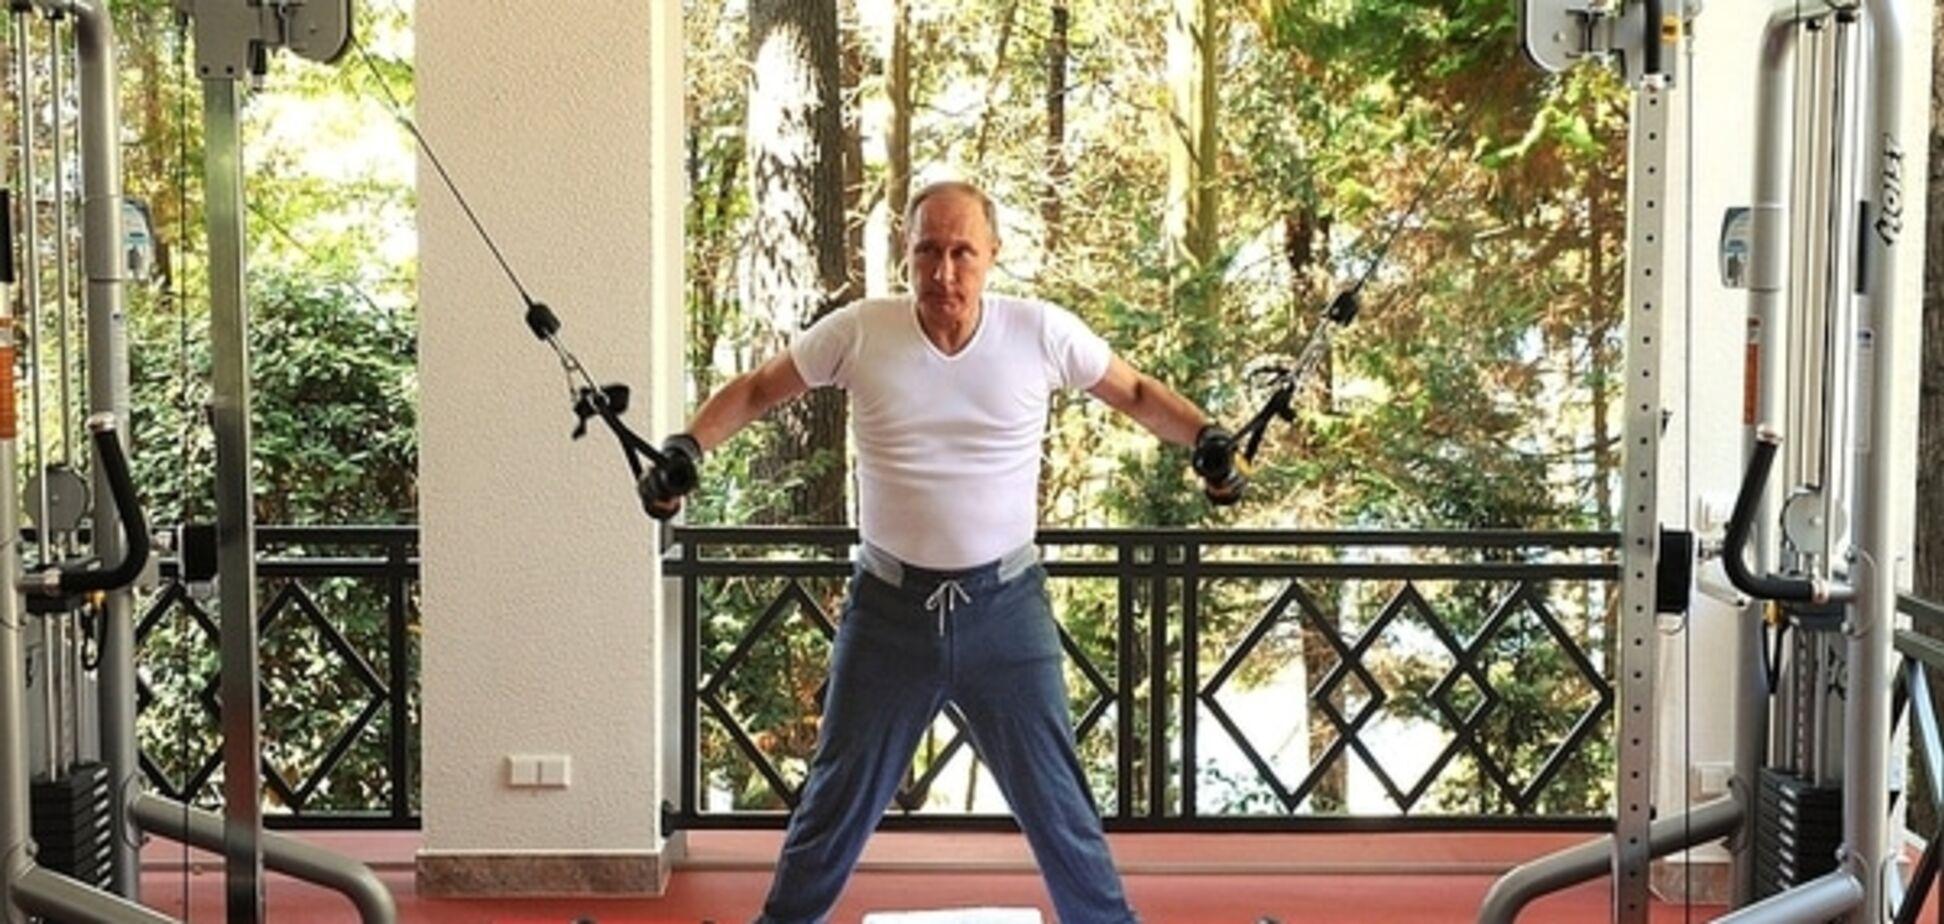 'Что за кроссы у старшего?' Тимати наметил глаз на обувь Путина